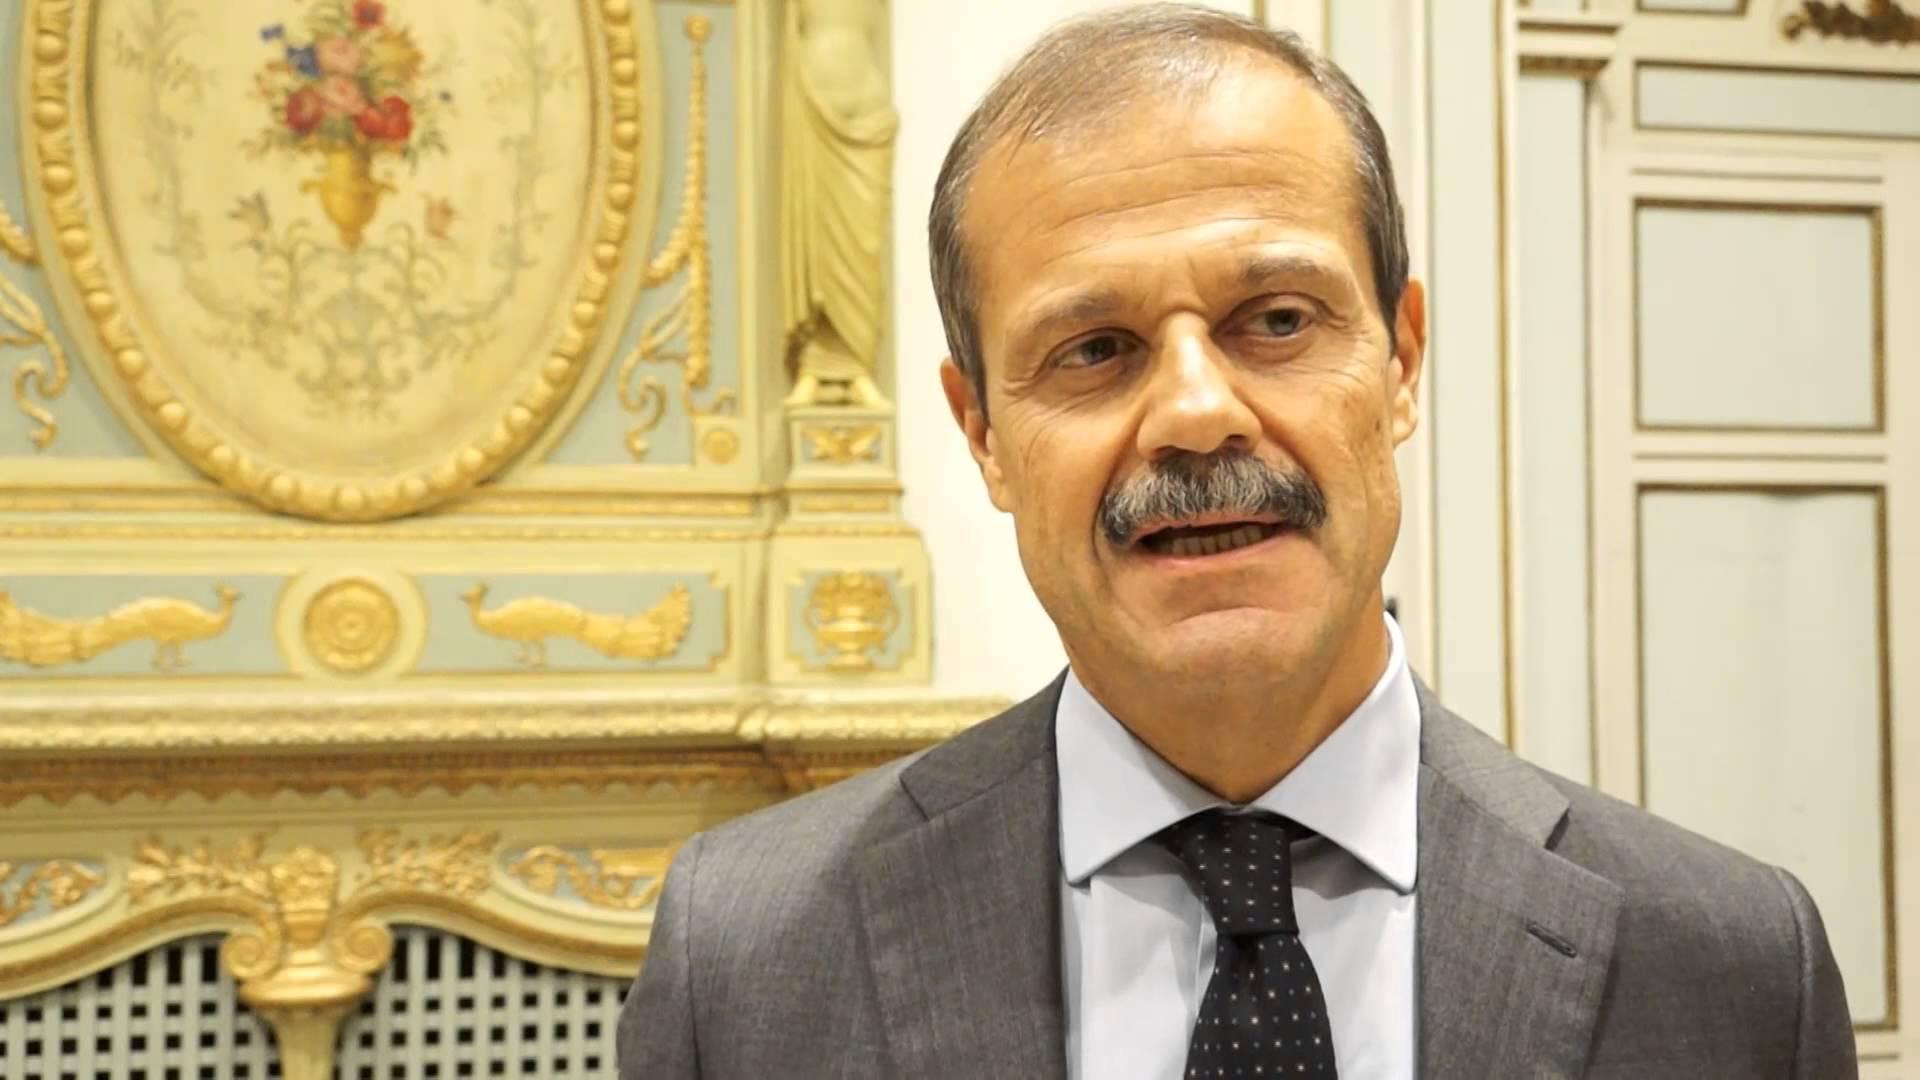 Chi è Giampiero Massolo, probabile premier del nuovo governo Lega-5 Stelle